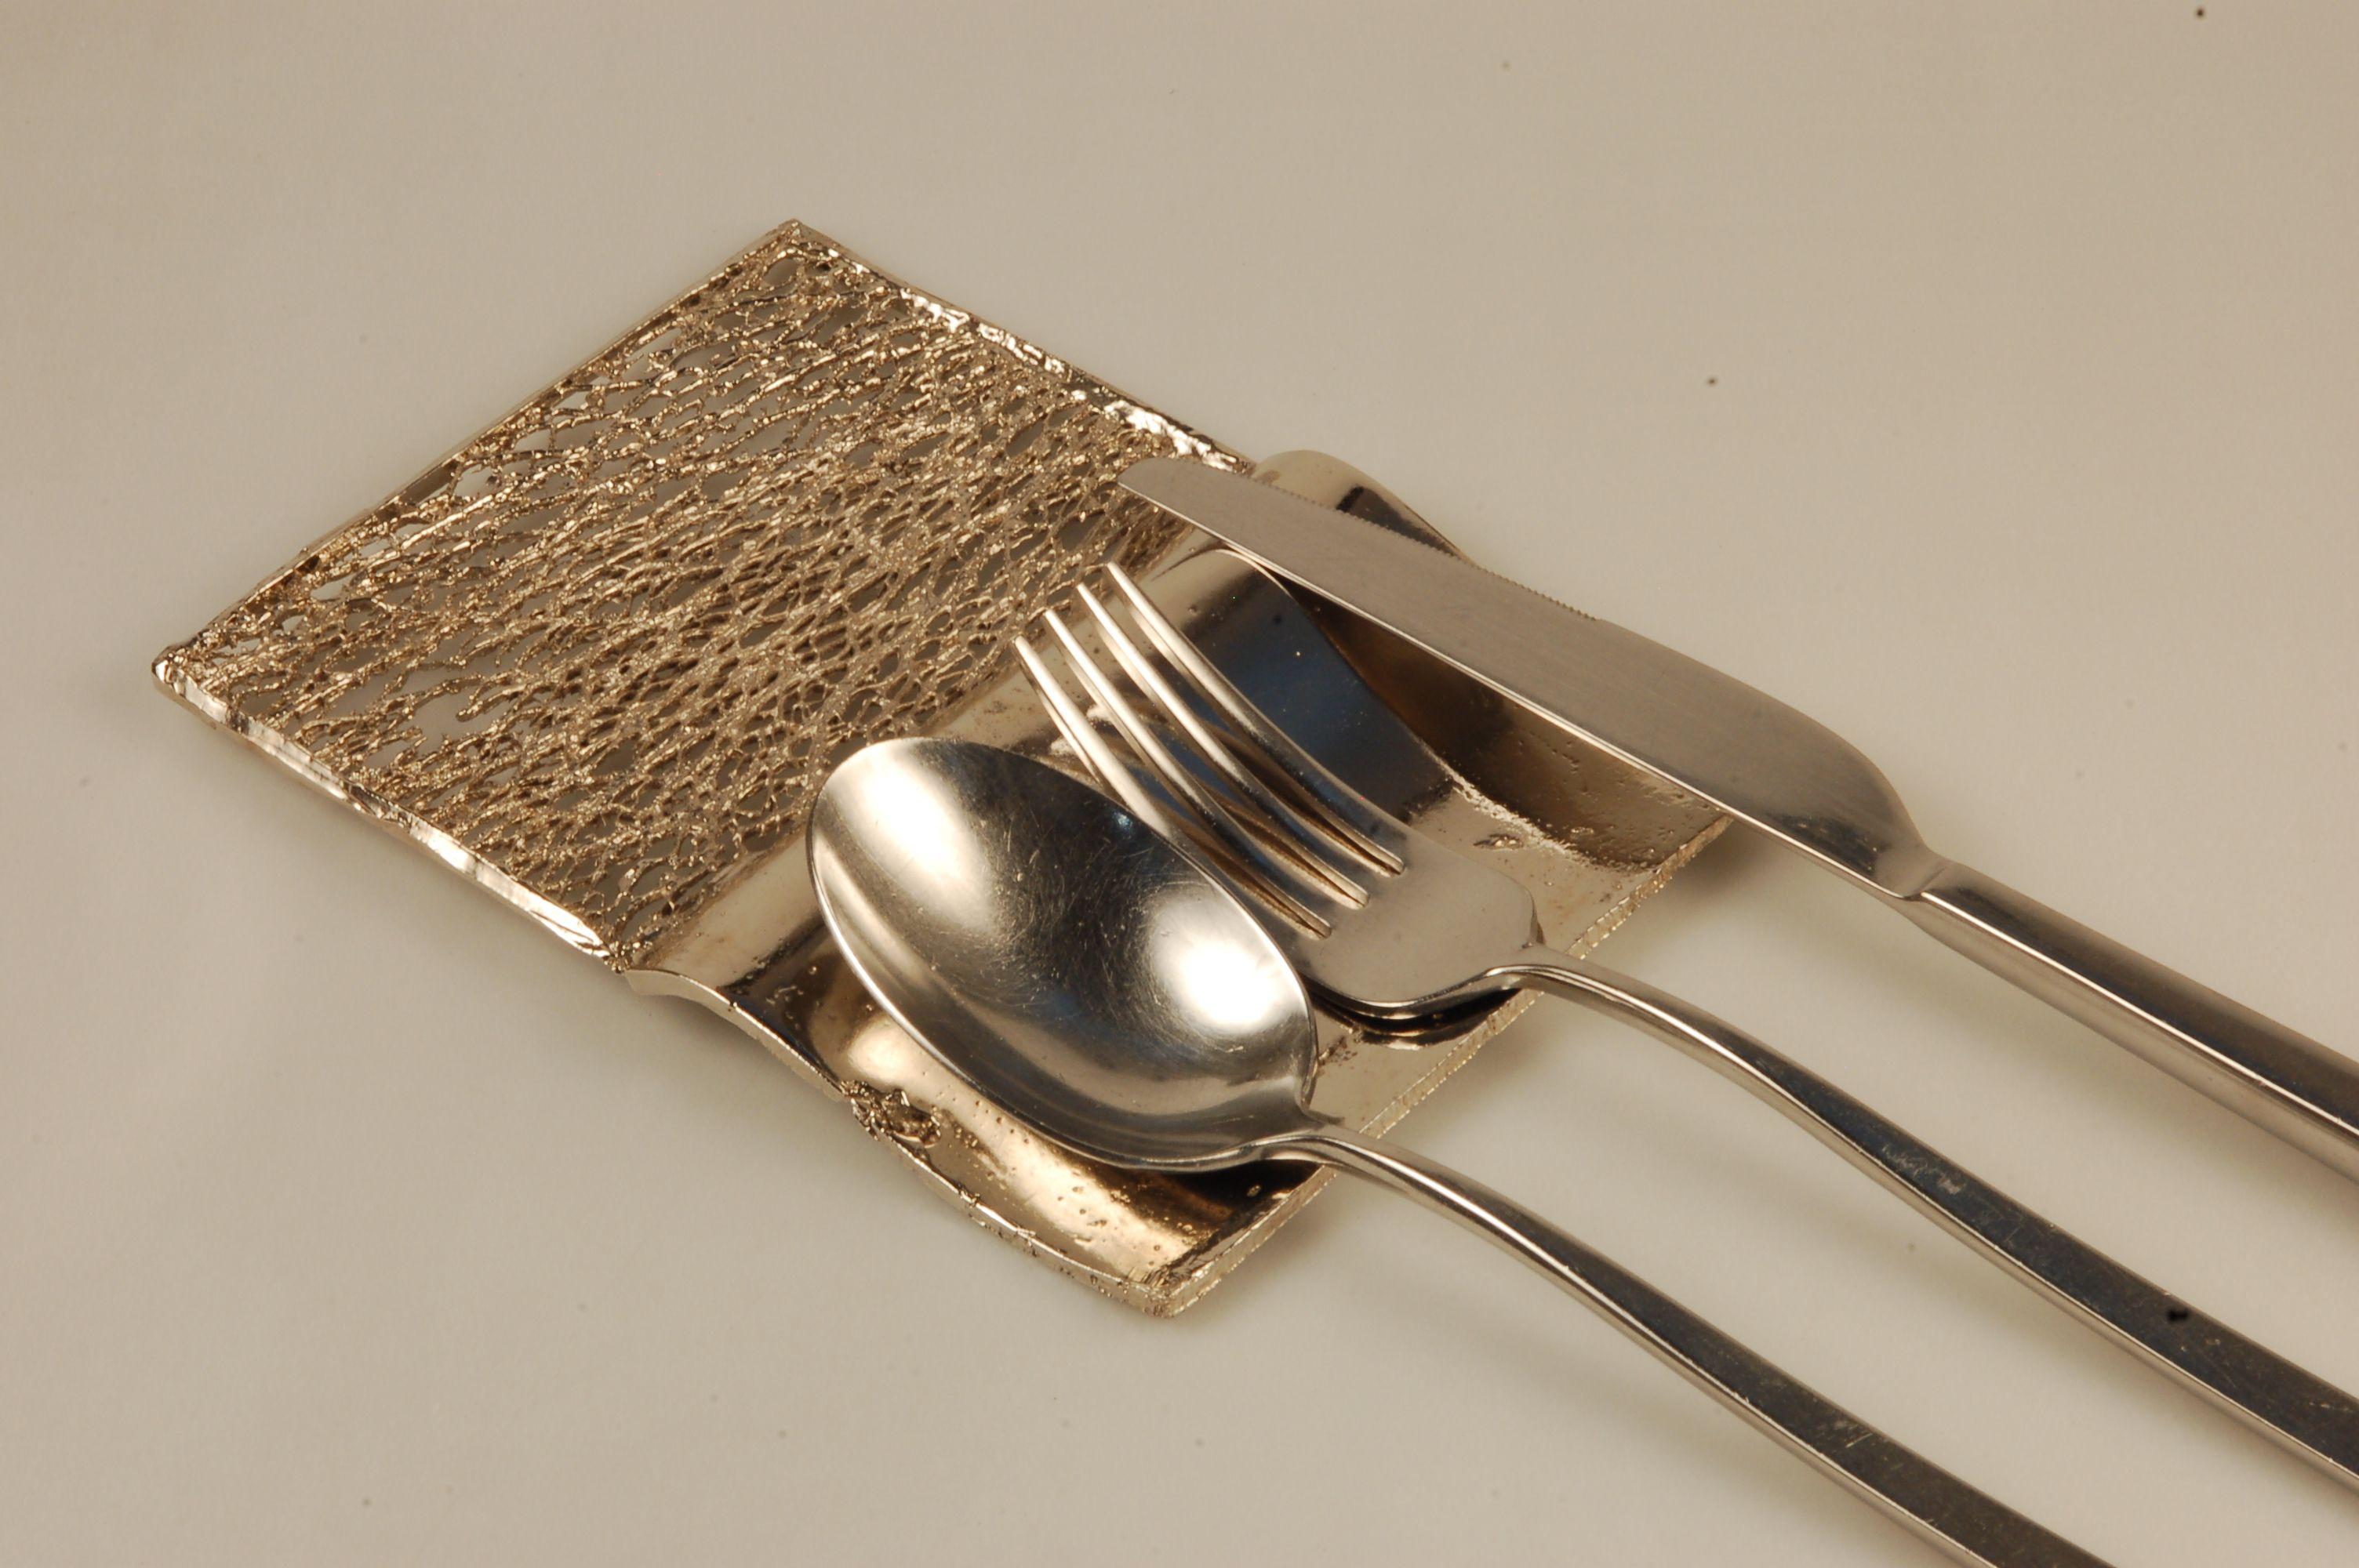 Poggia posate da tavola in metallo metal cutlery holder for table porte couverts de table en - Poggia posate da tavola ...